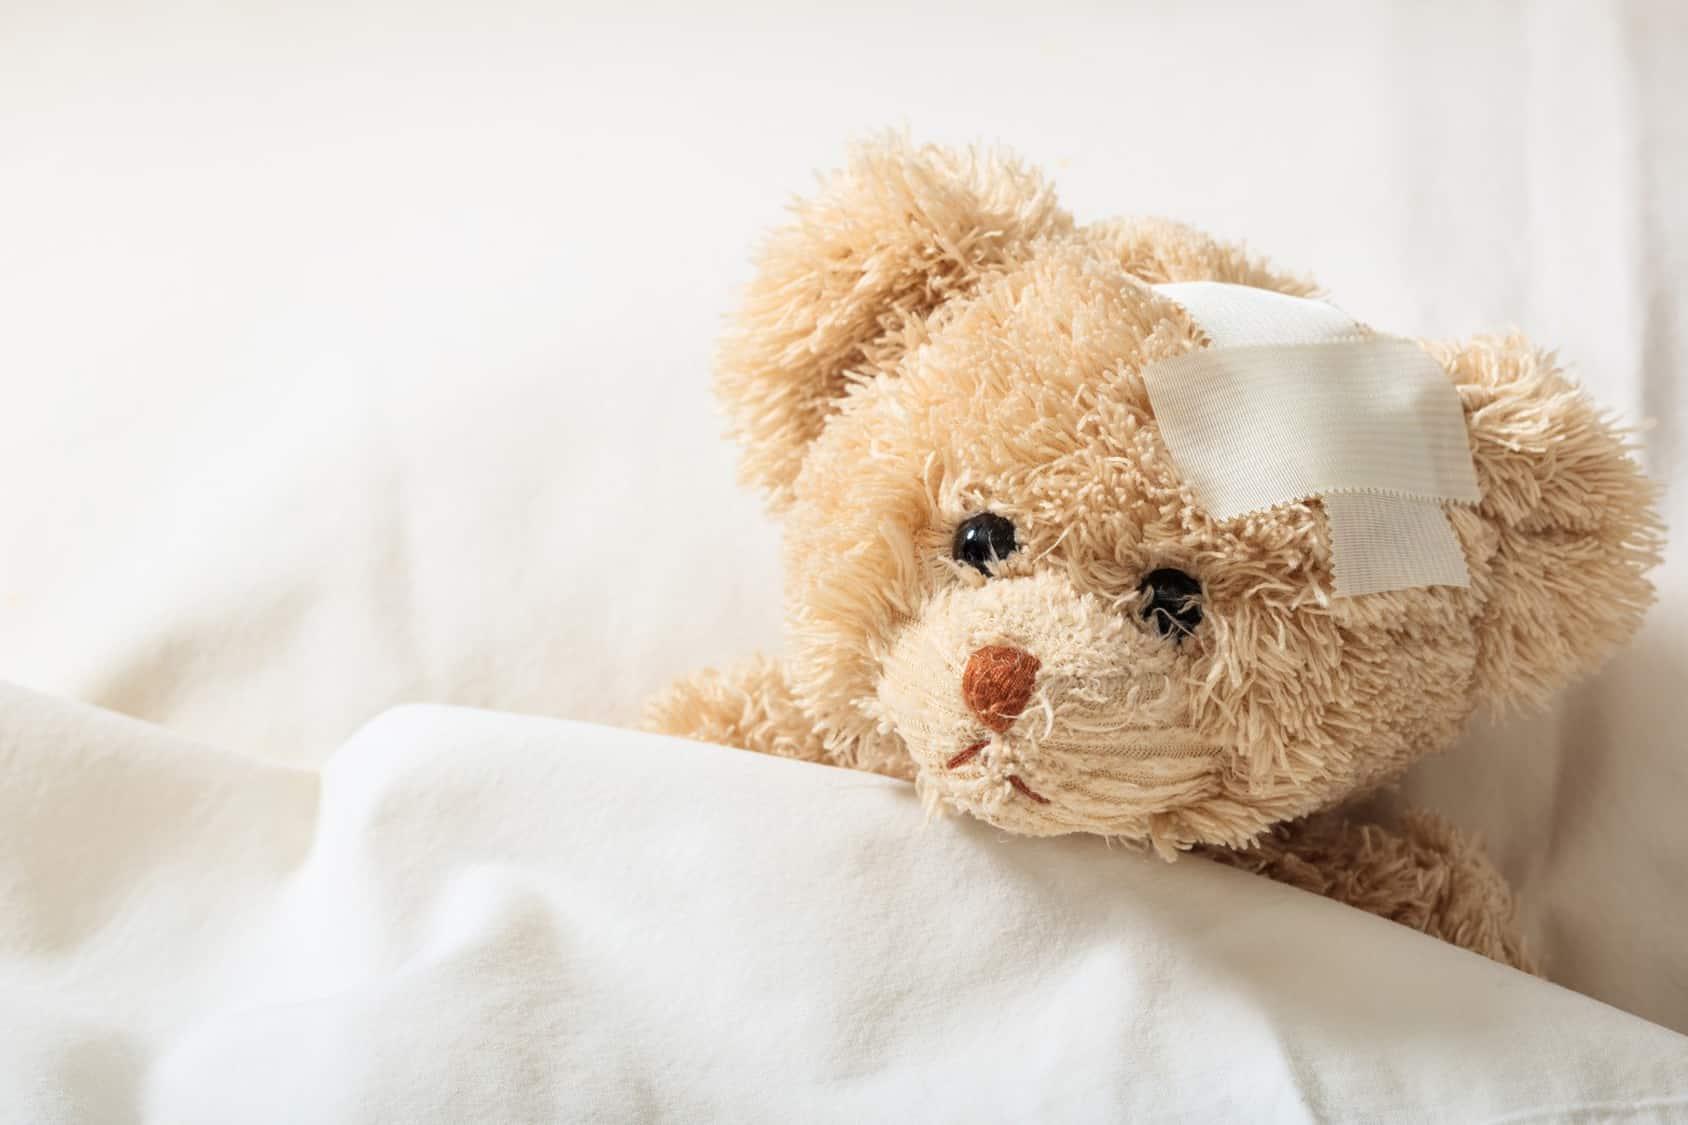 Beiger Teddybär liegt im Bett und hat ein Pflaster auf der rechten Stirn